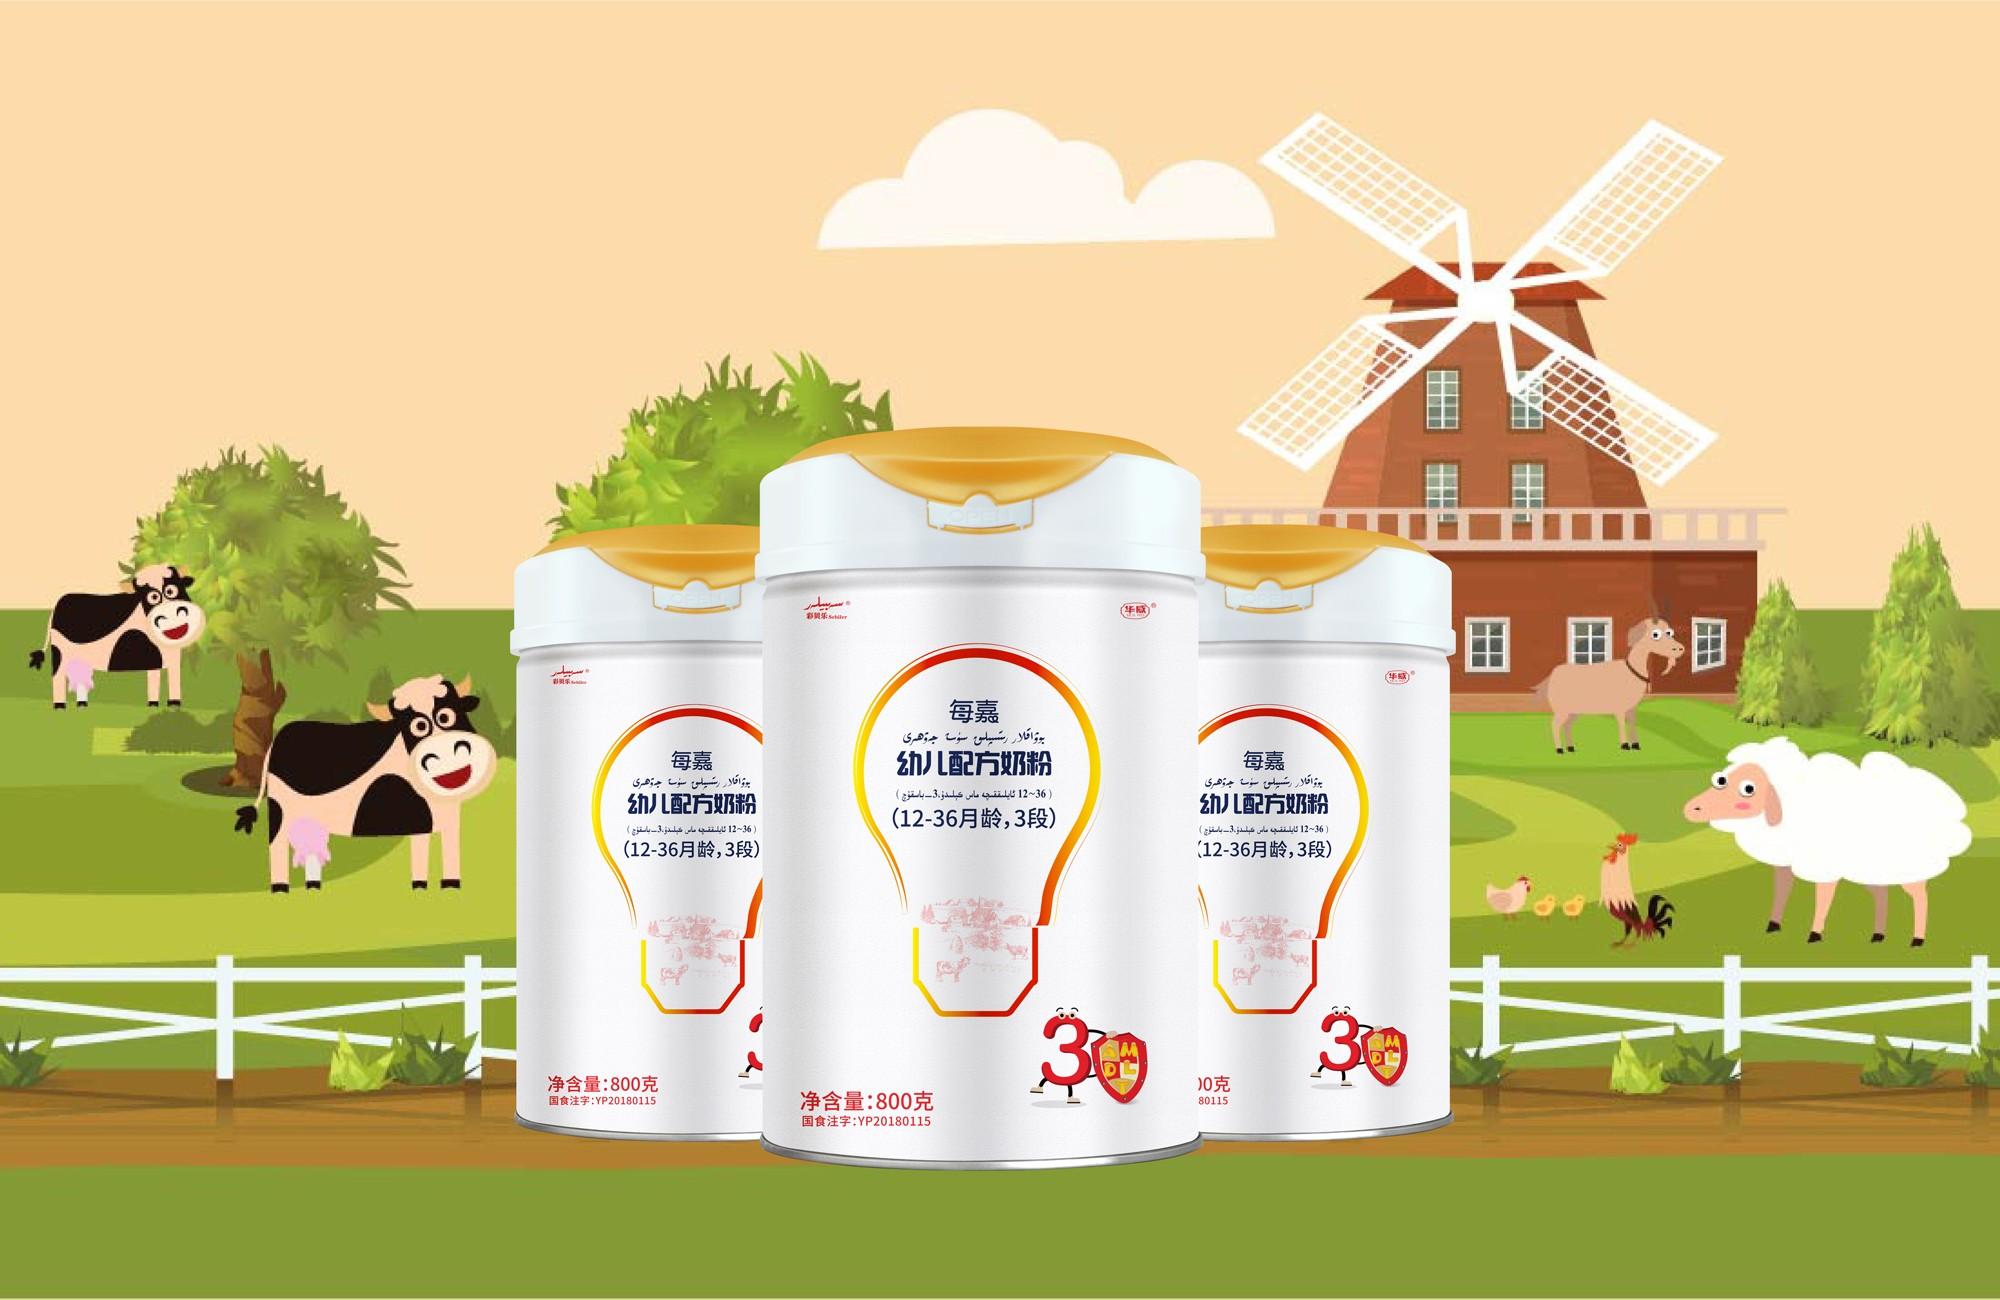 华威每嘉世界级有机森林牧场 奶源更纯净